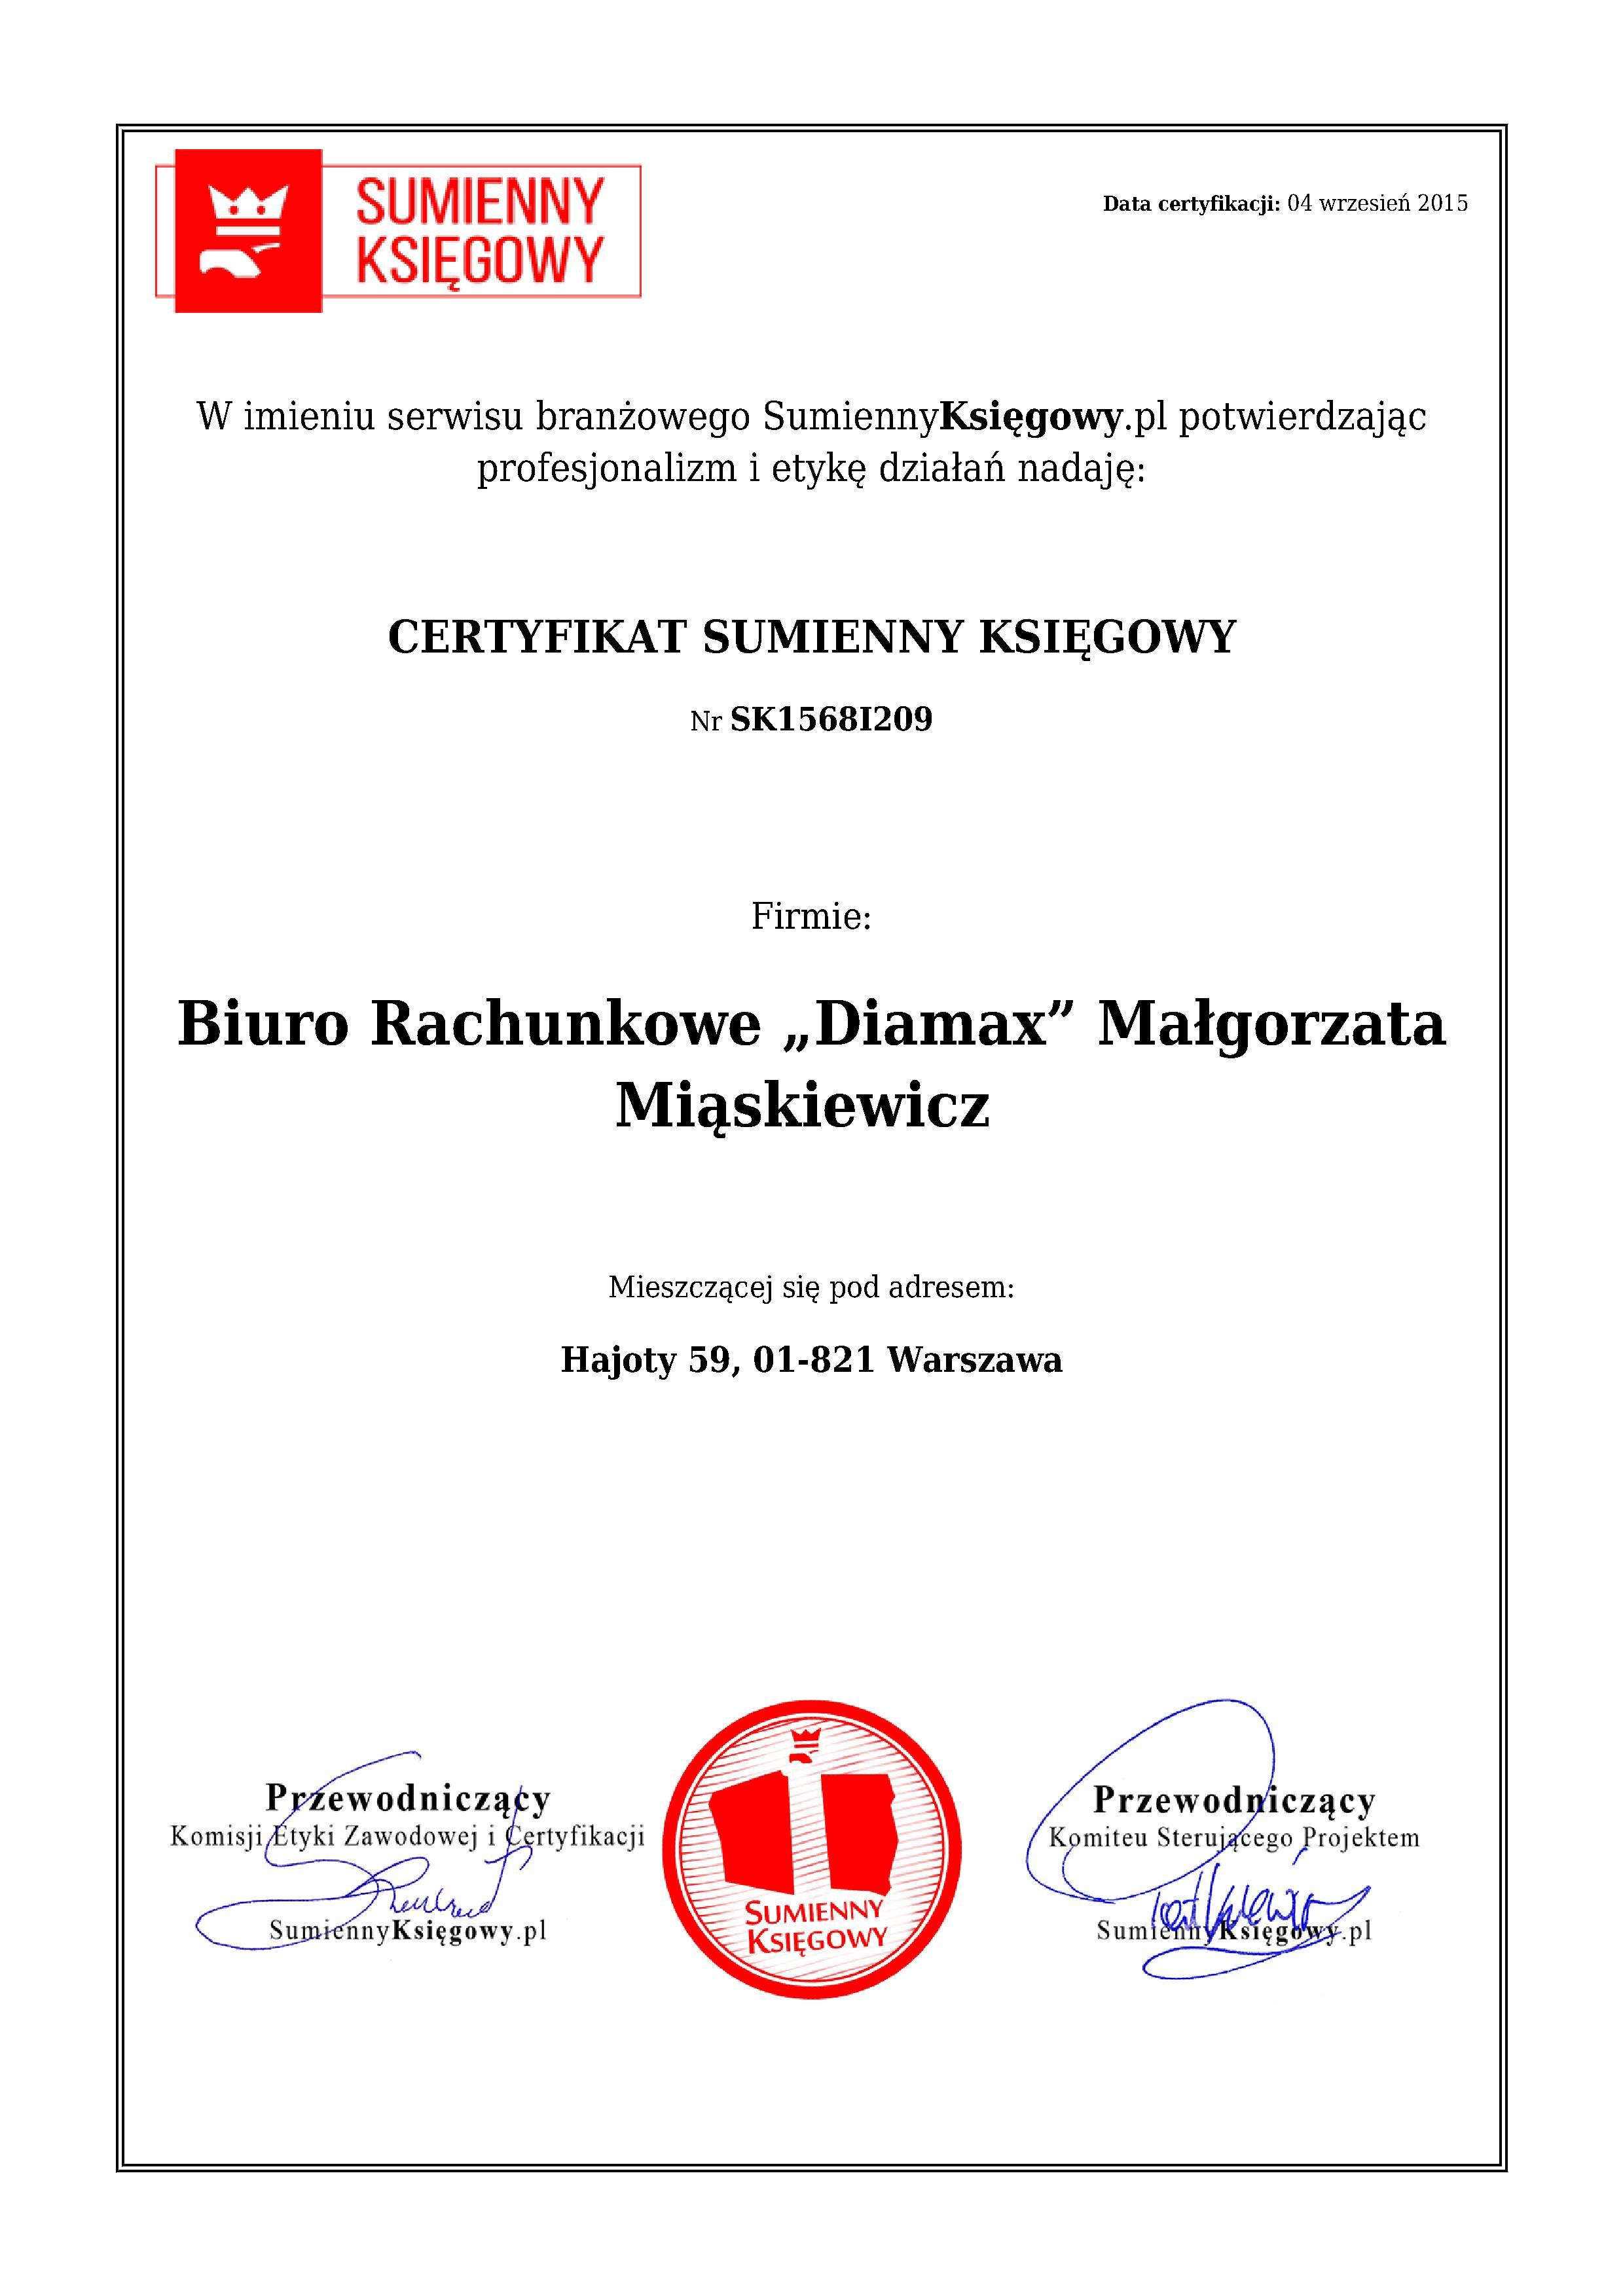 """Certyfikat Biuro Rachunkowe """"Diamax"""" Małgorzata Miąskiewicz"""